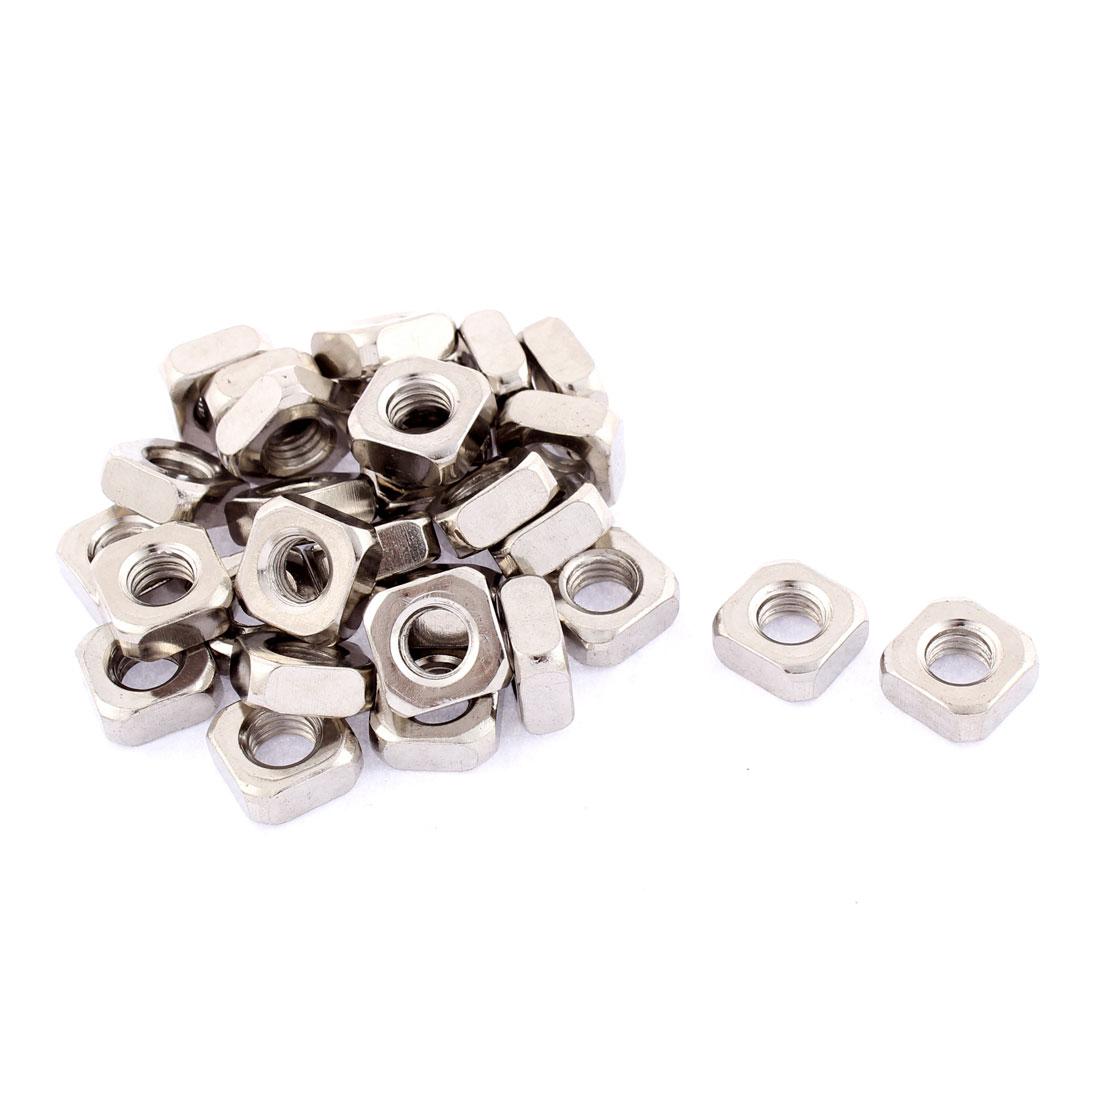 M8x14mmx6mm Metal Square Machine Screw Nuts Silver Tone 30pcs